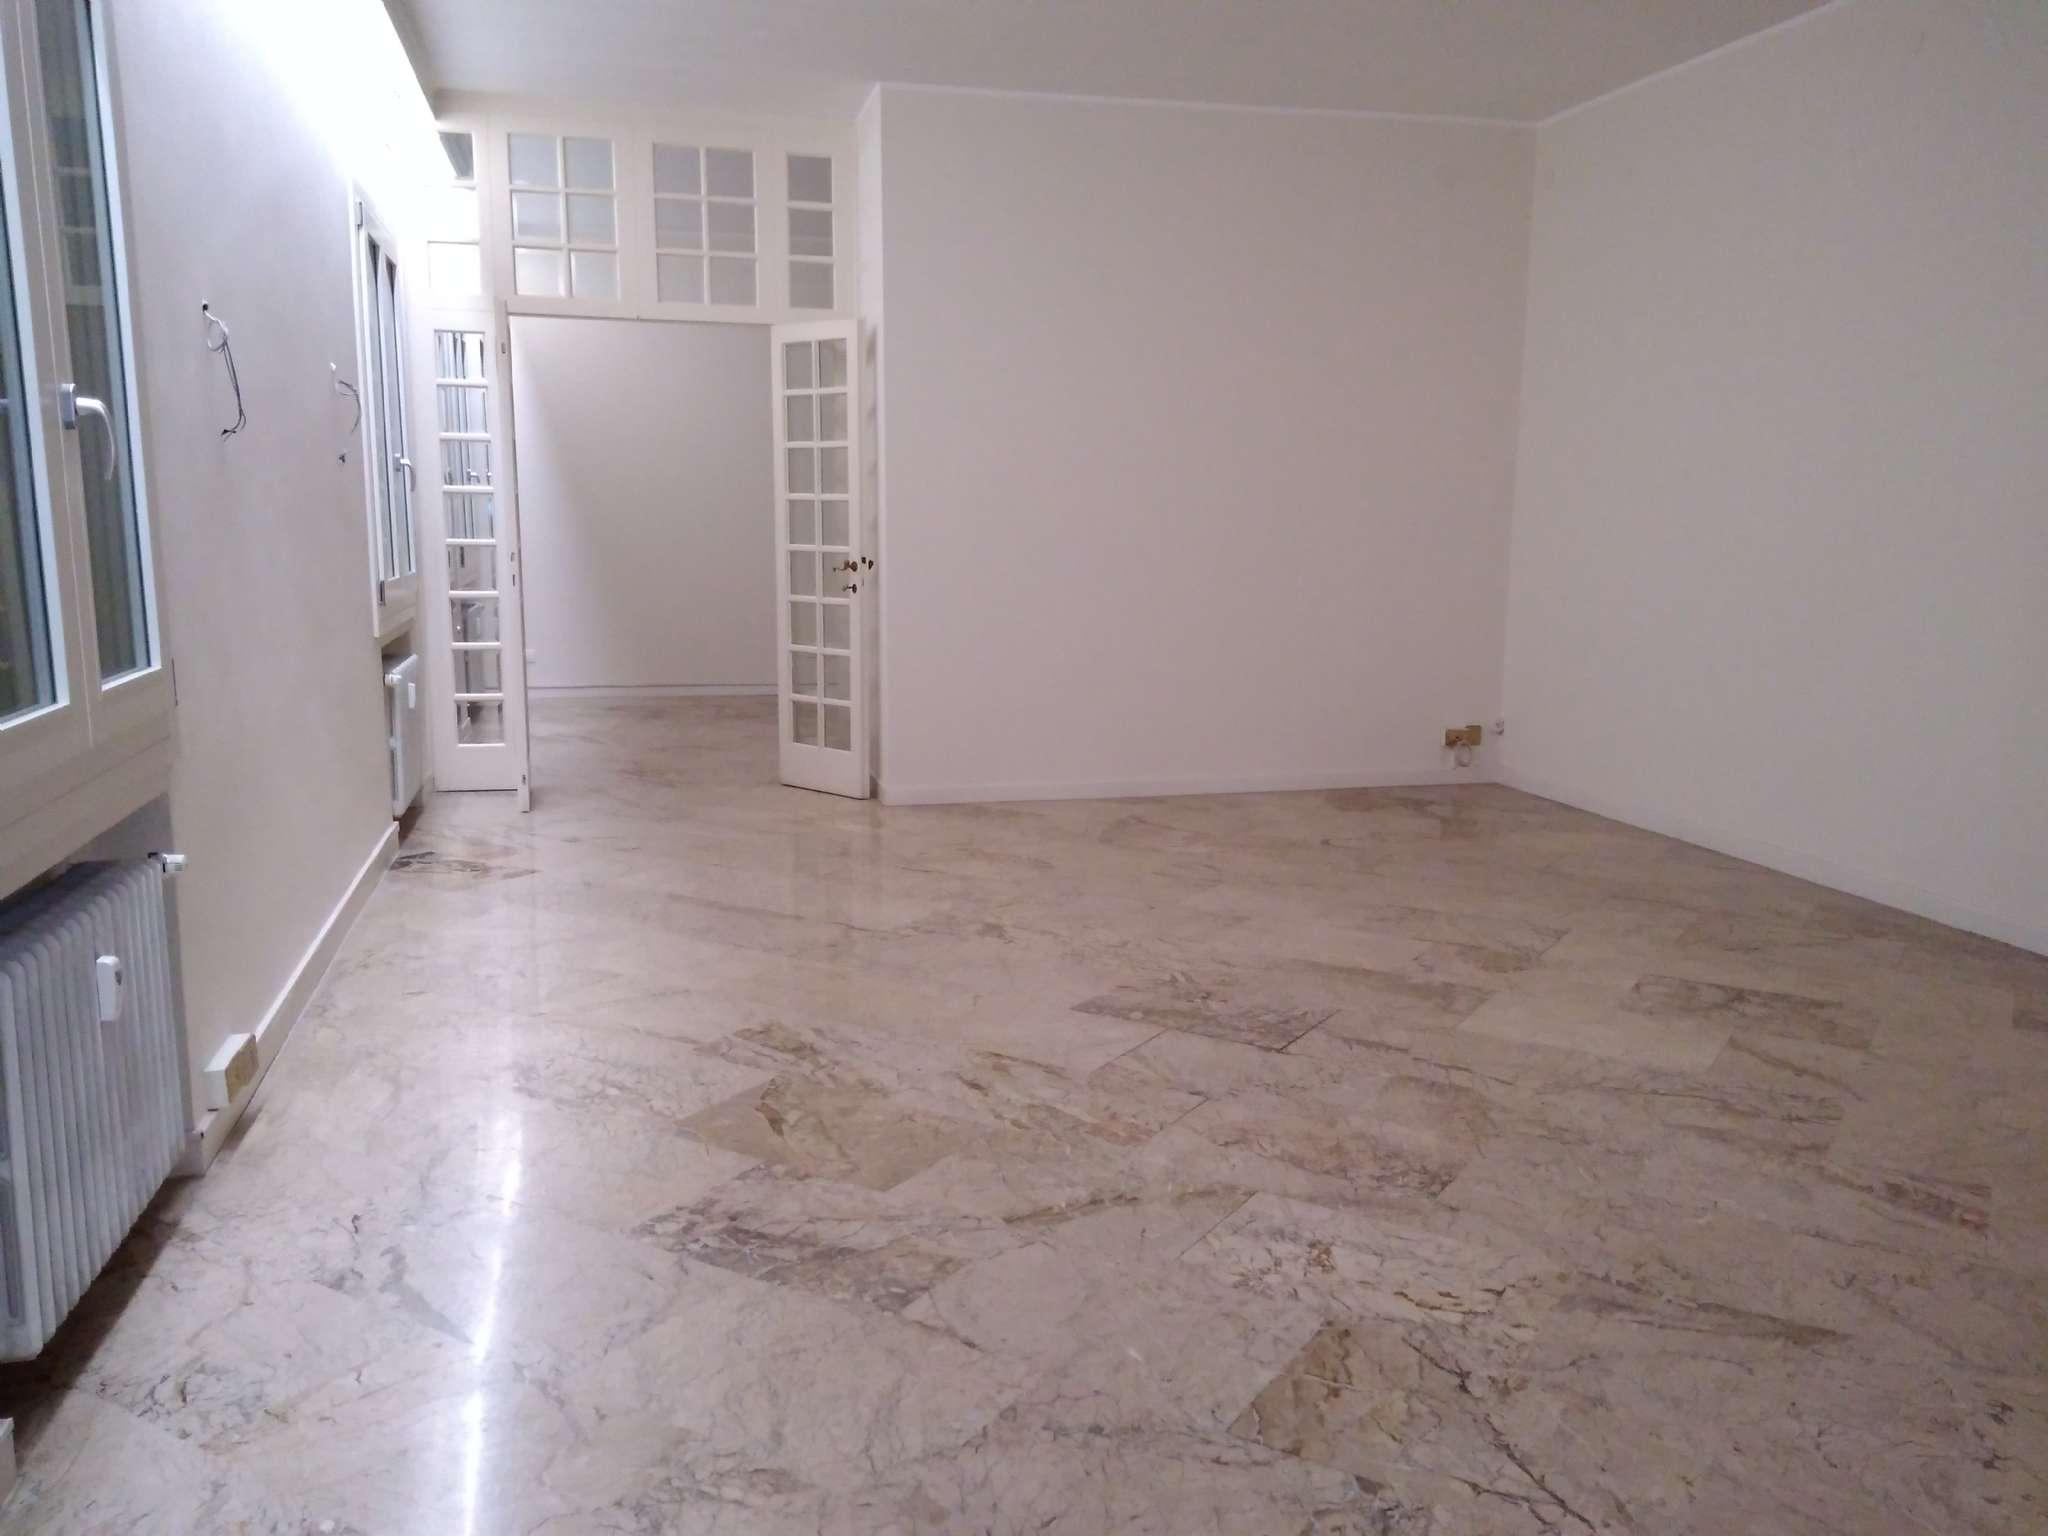 Appartamento in vendita a Padova, 6 locali, zona Centro, prezzo € 595.000 | PortaleAgenzieImmobiliari.it